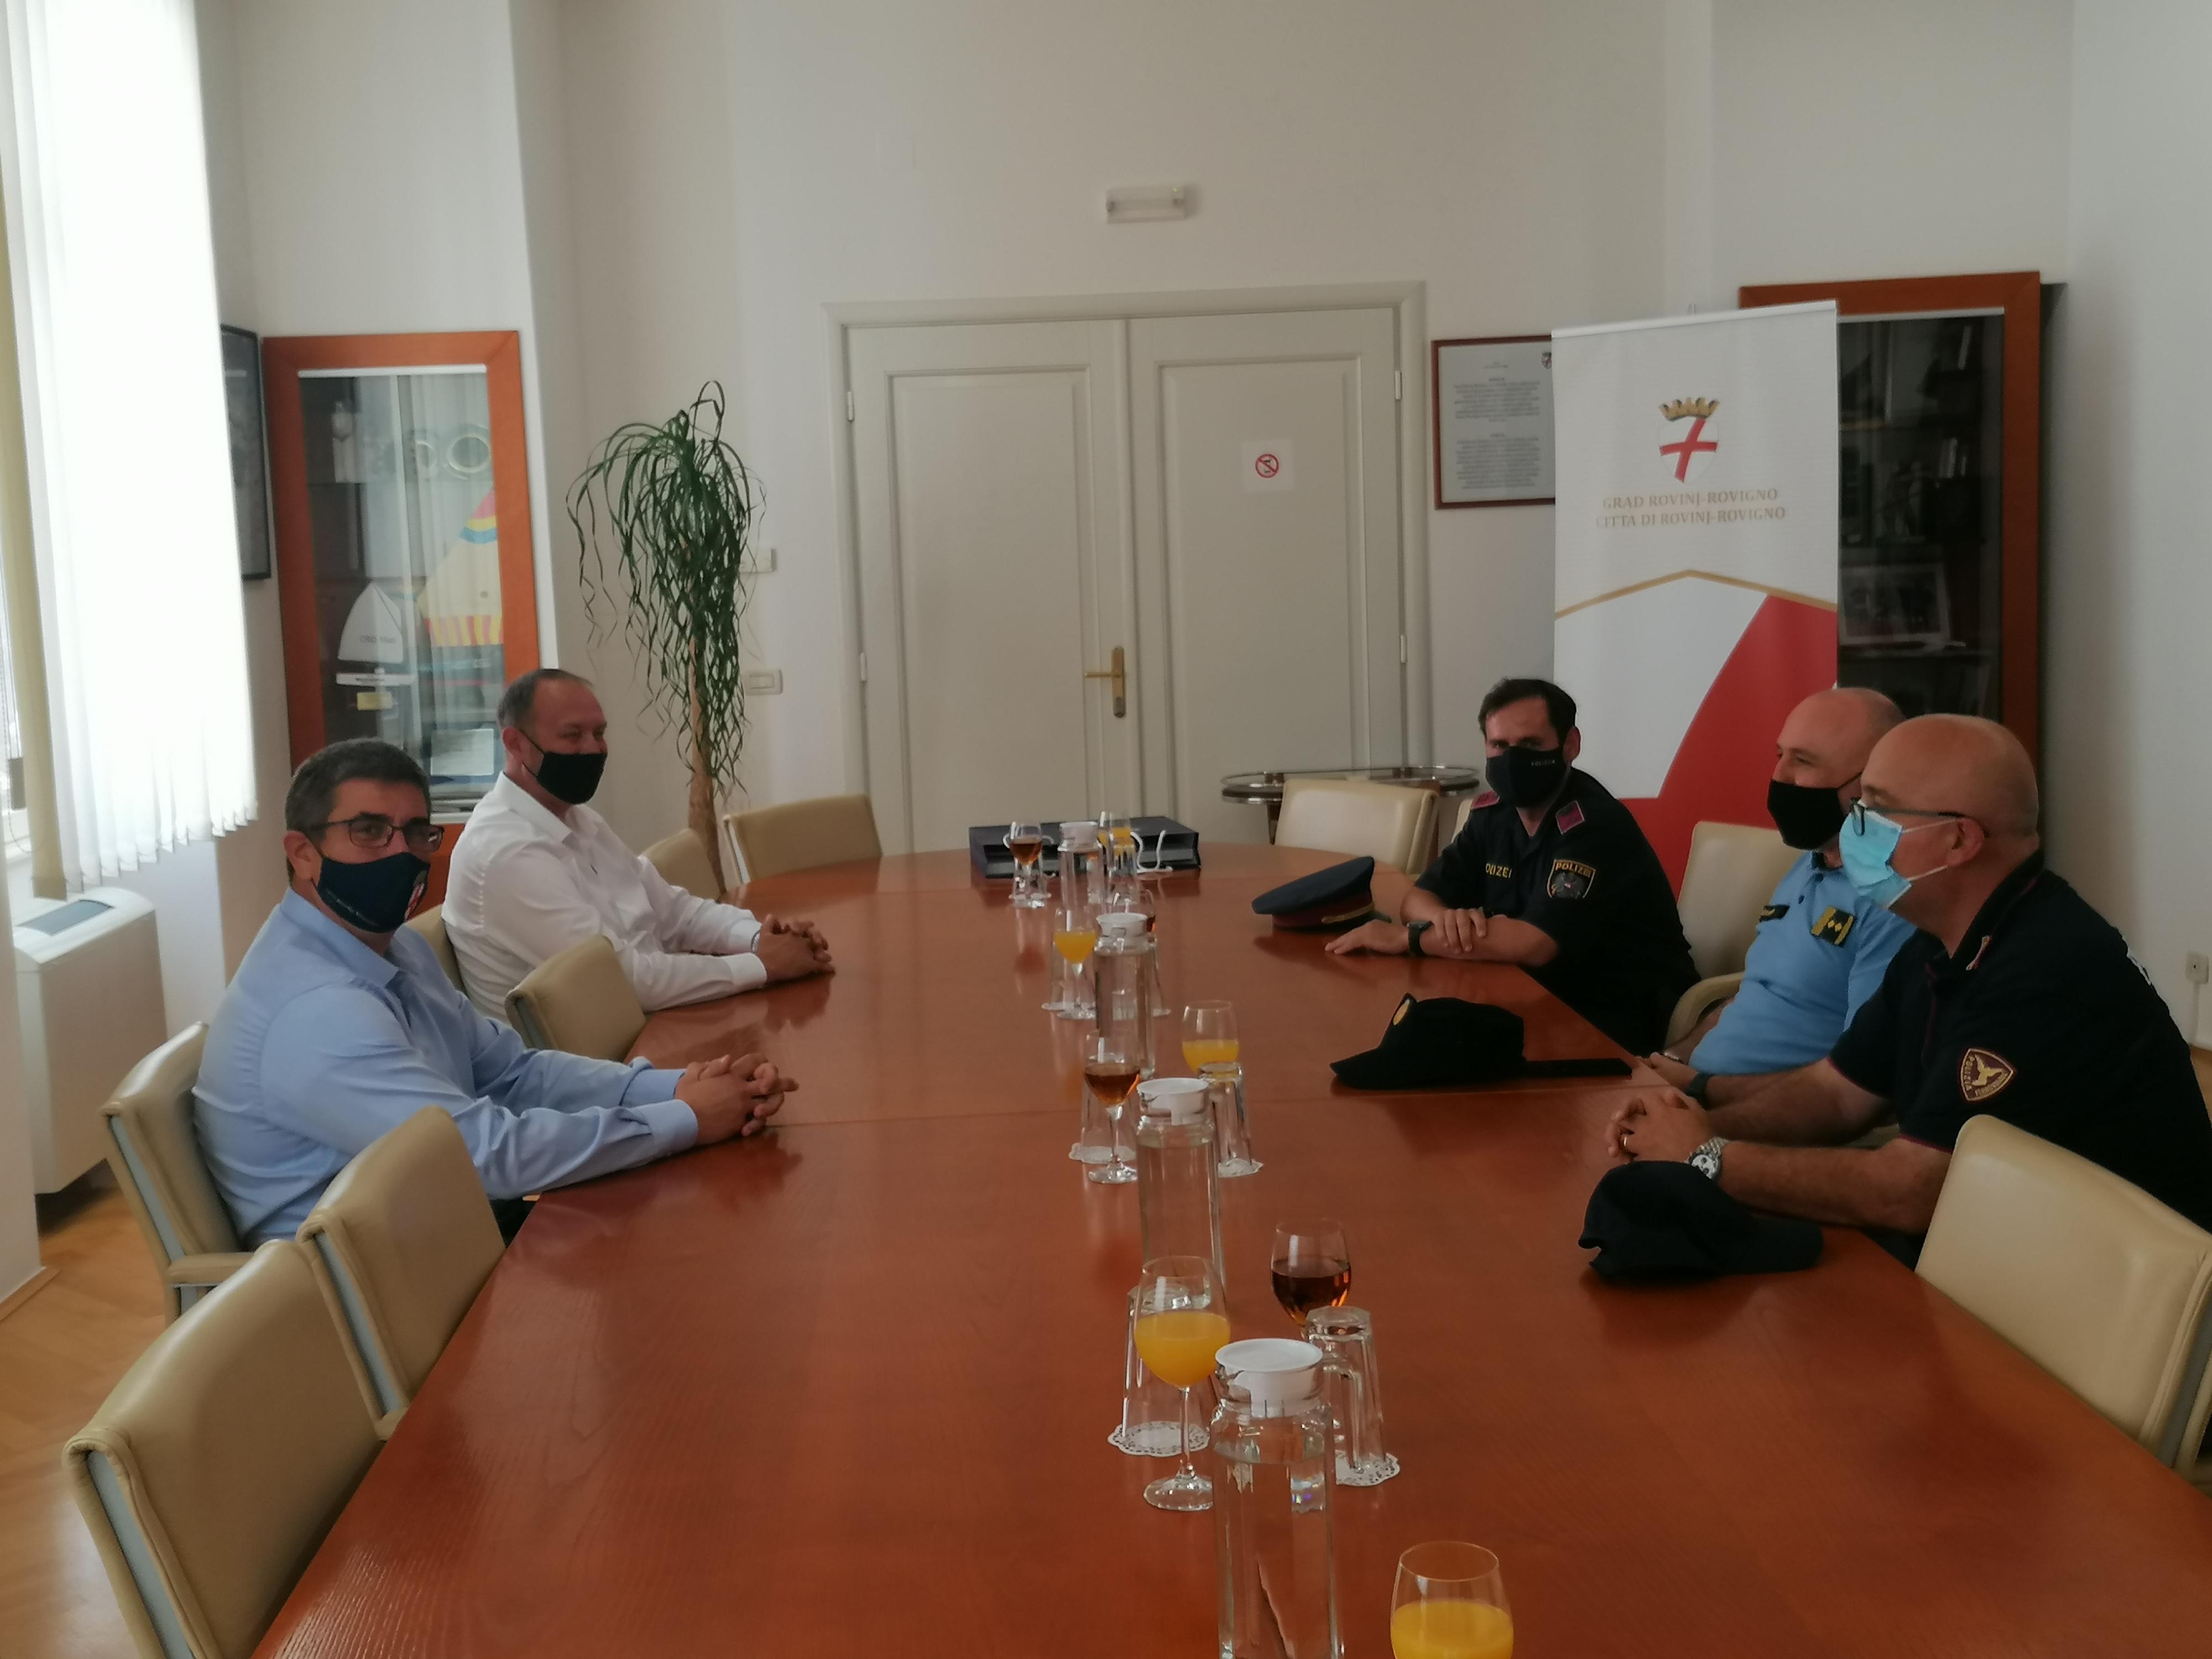 Il sindaco Marko Paliaga ha dato il benvenuto agli agenti di polizia stranieri che lavorano sul territorio di Rovinj-Rovigno